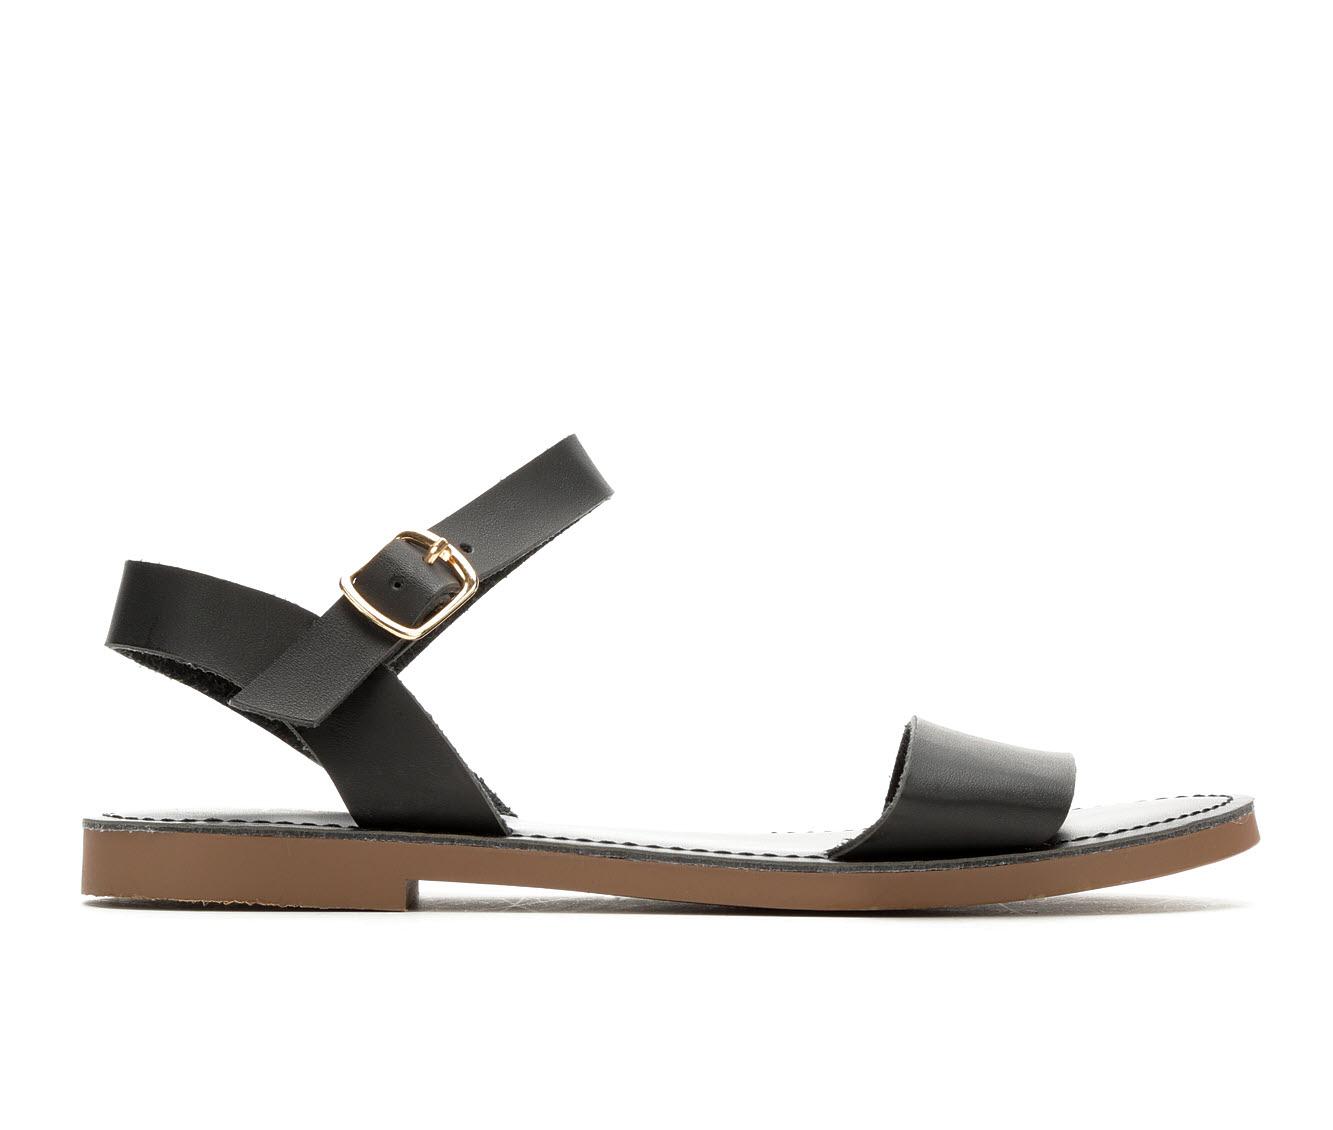 Y-Not Bigboss Women's Sandal (Black Faux Leather)